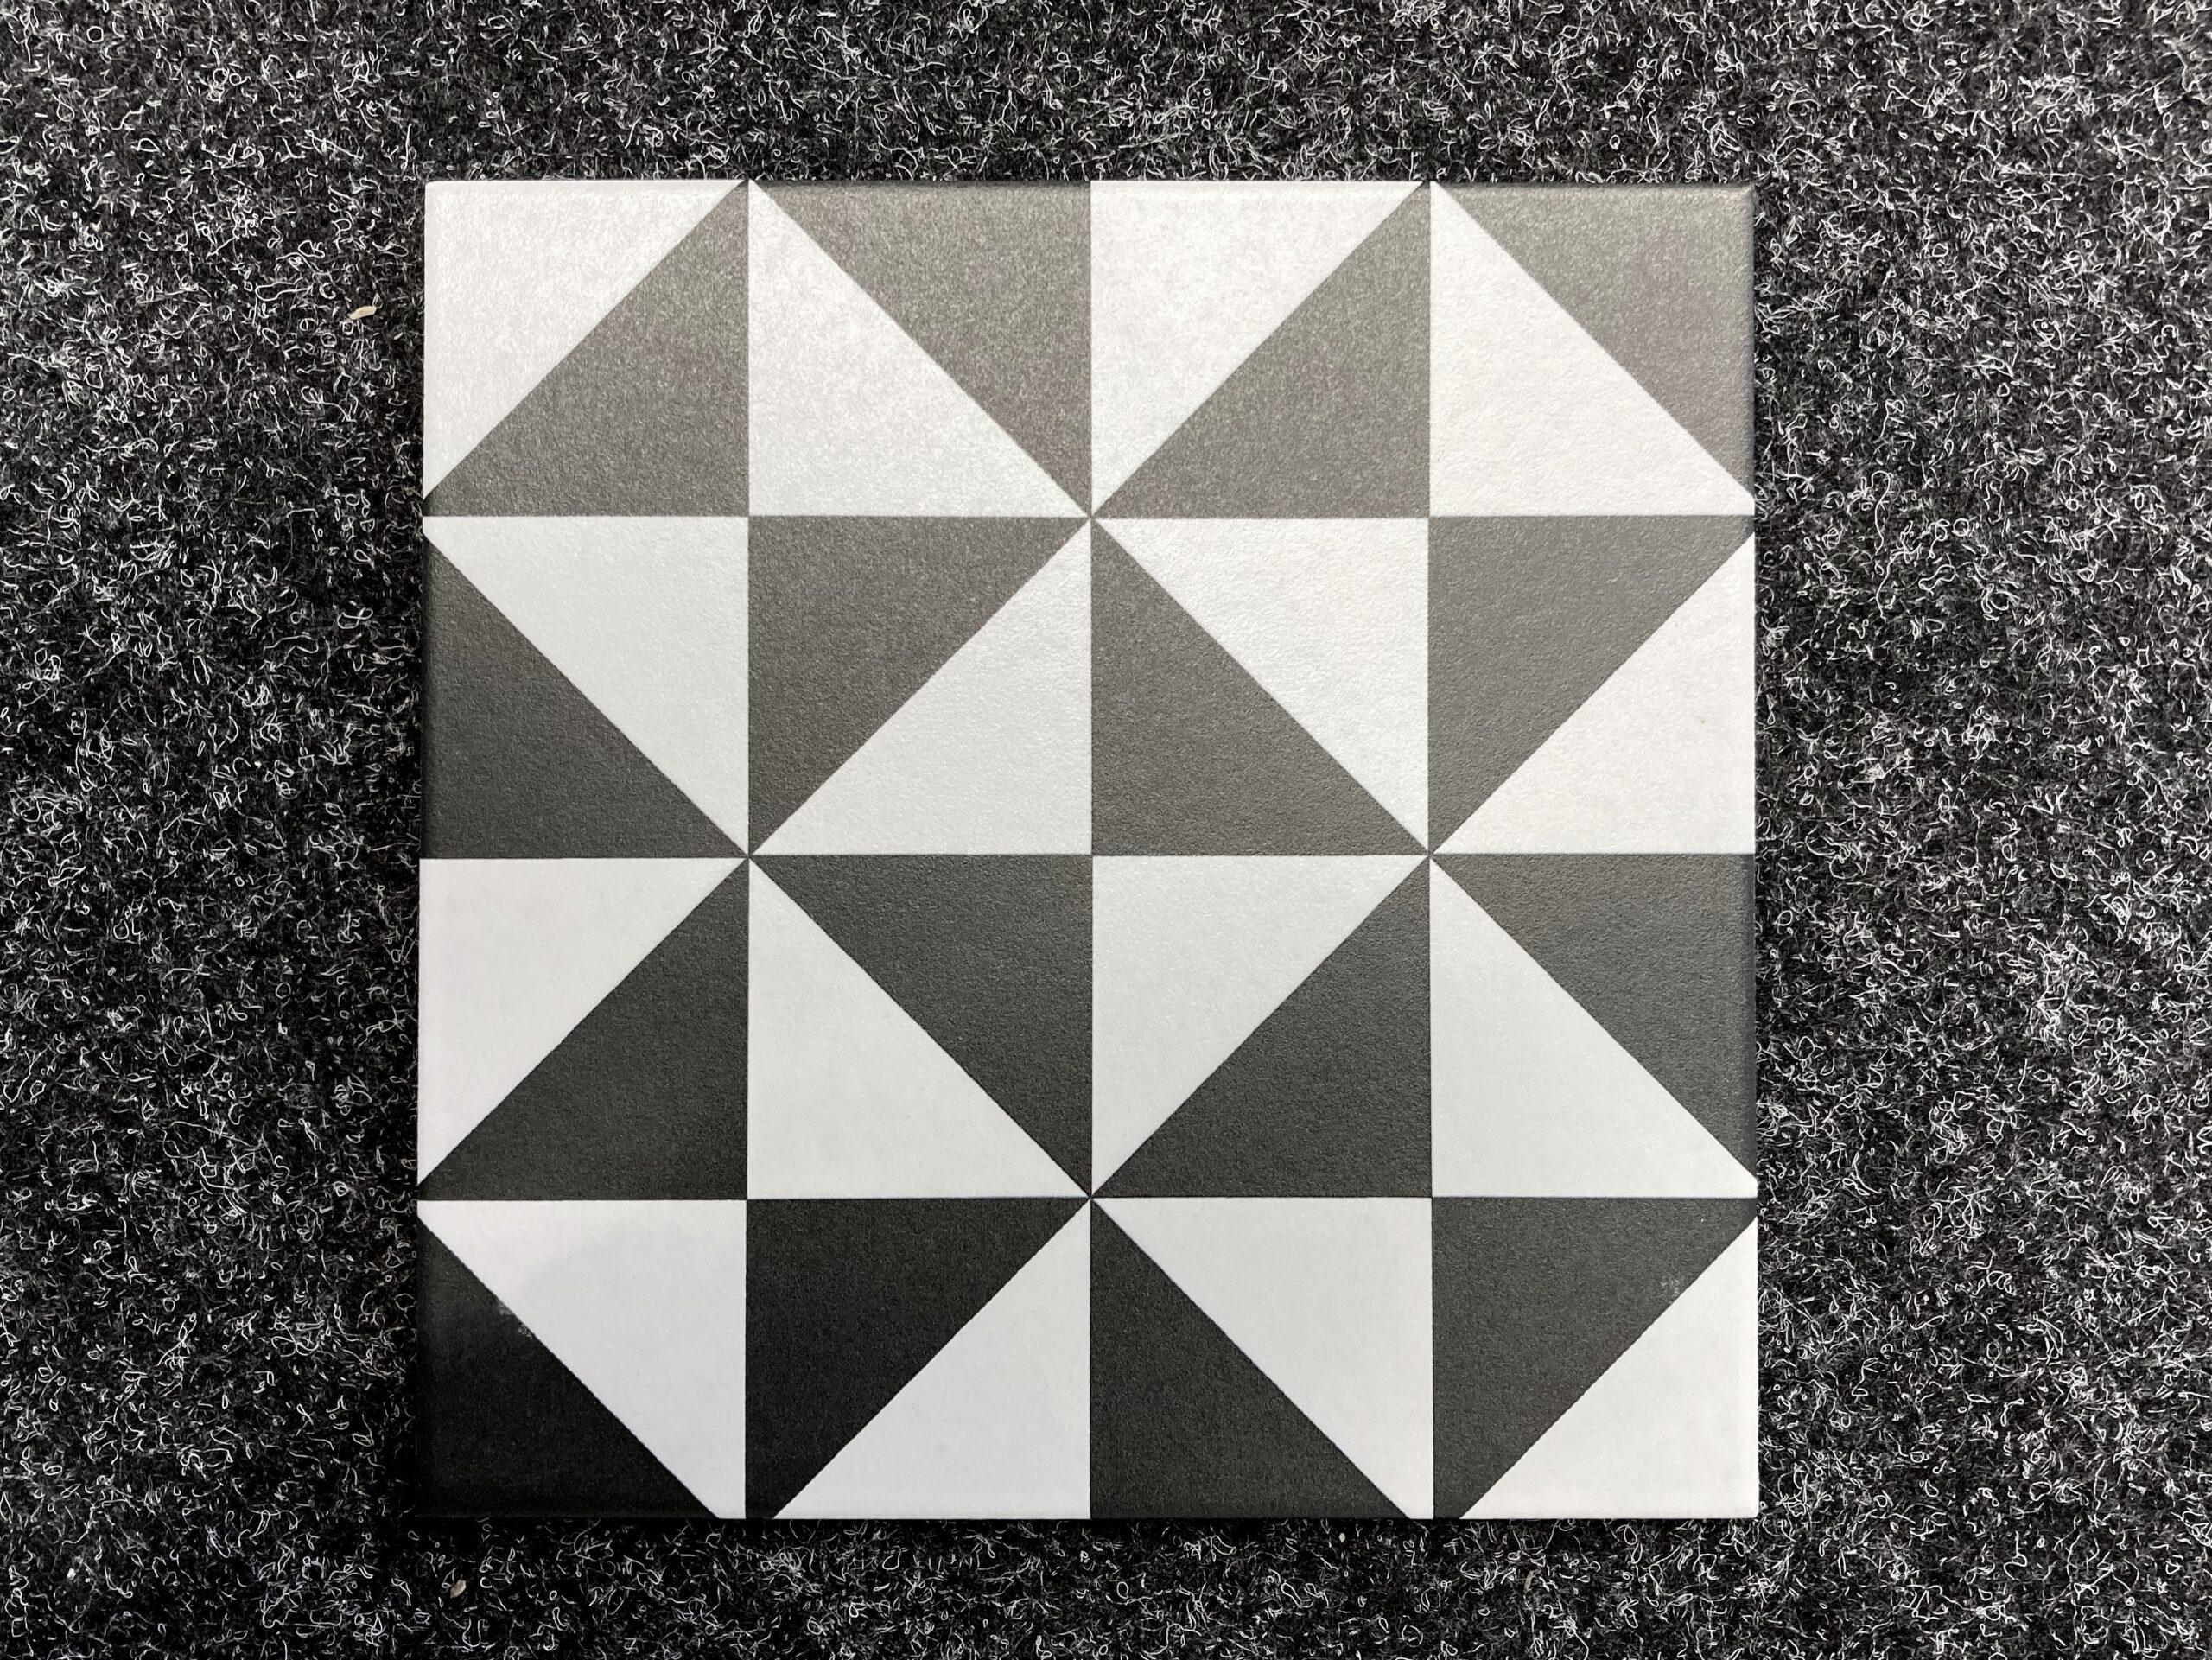 płytki czarno białe trójkąty wzór